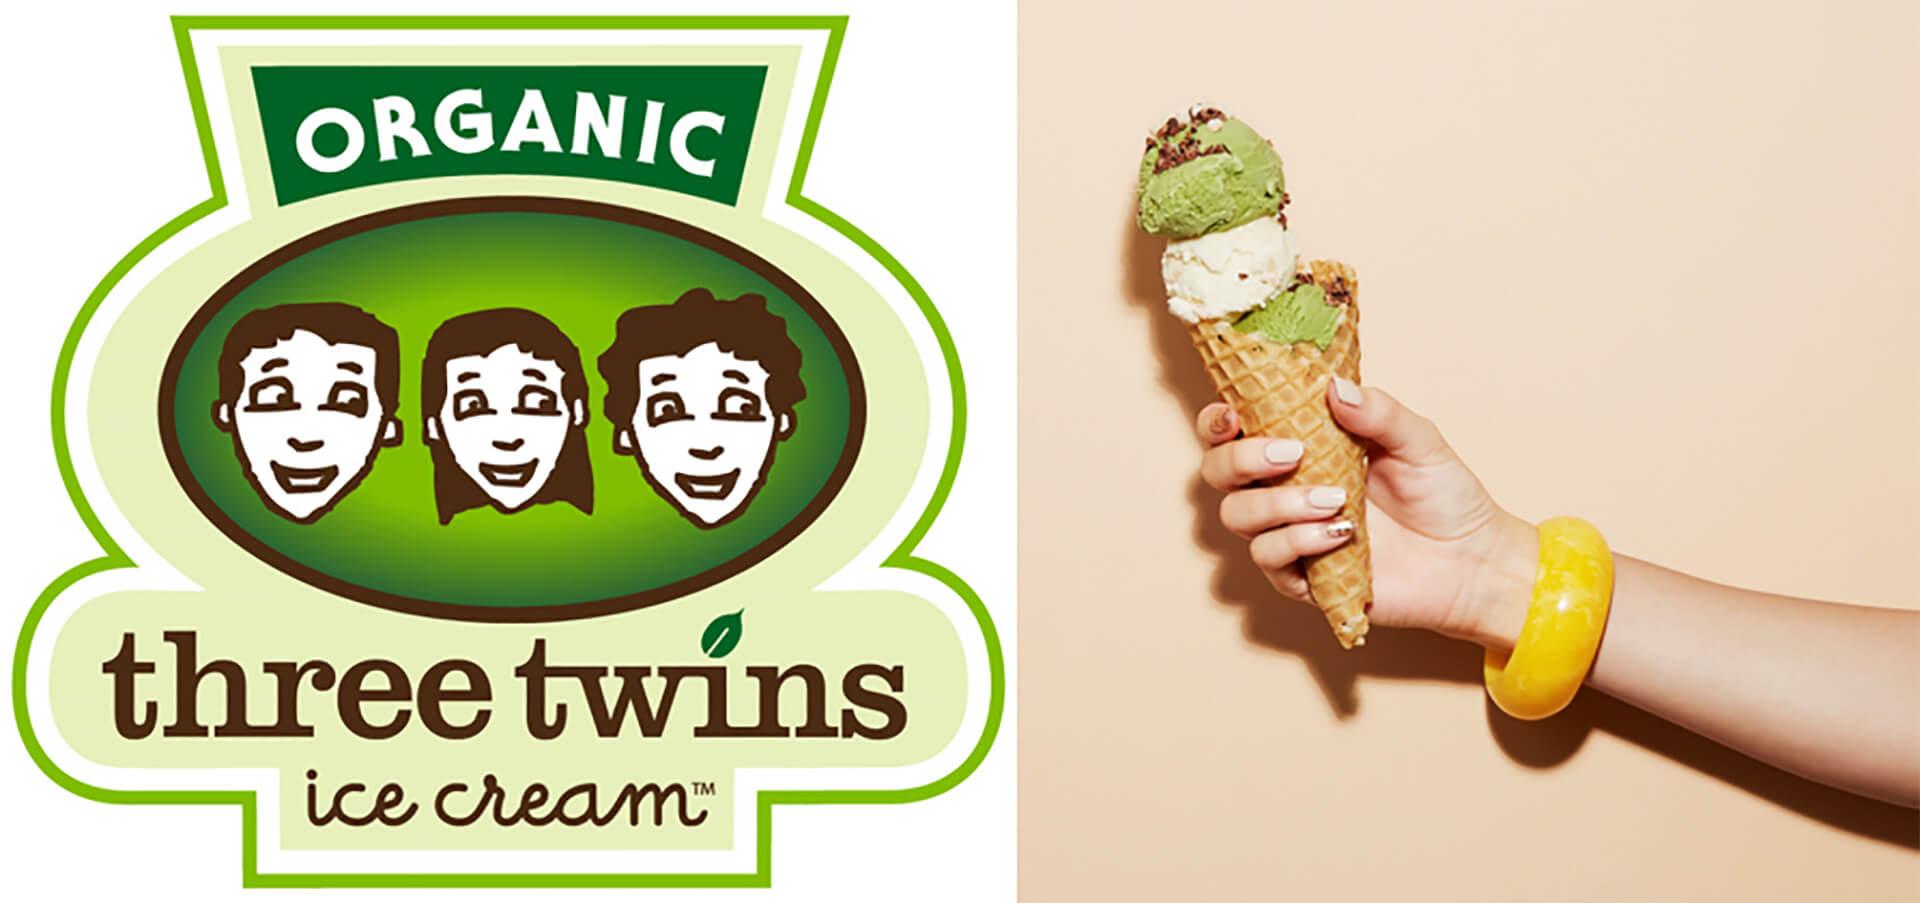 青山アイスクリームパークに参加する、Three Twinsのロゴと商品です